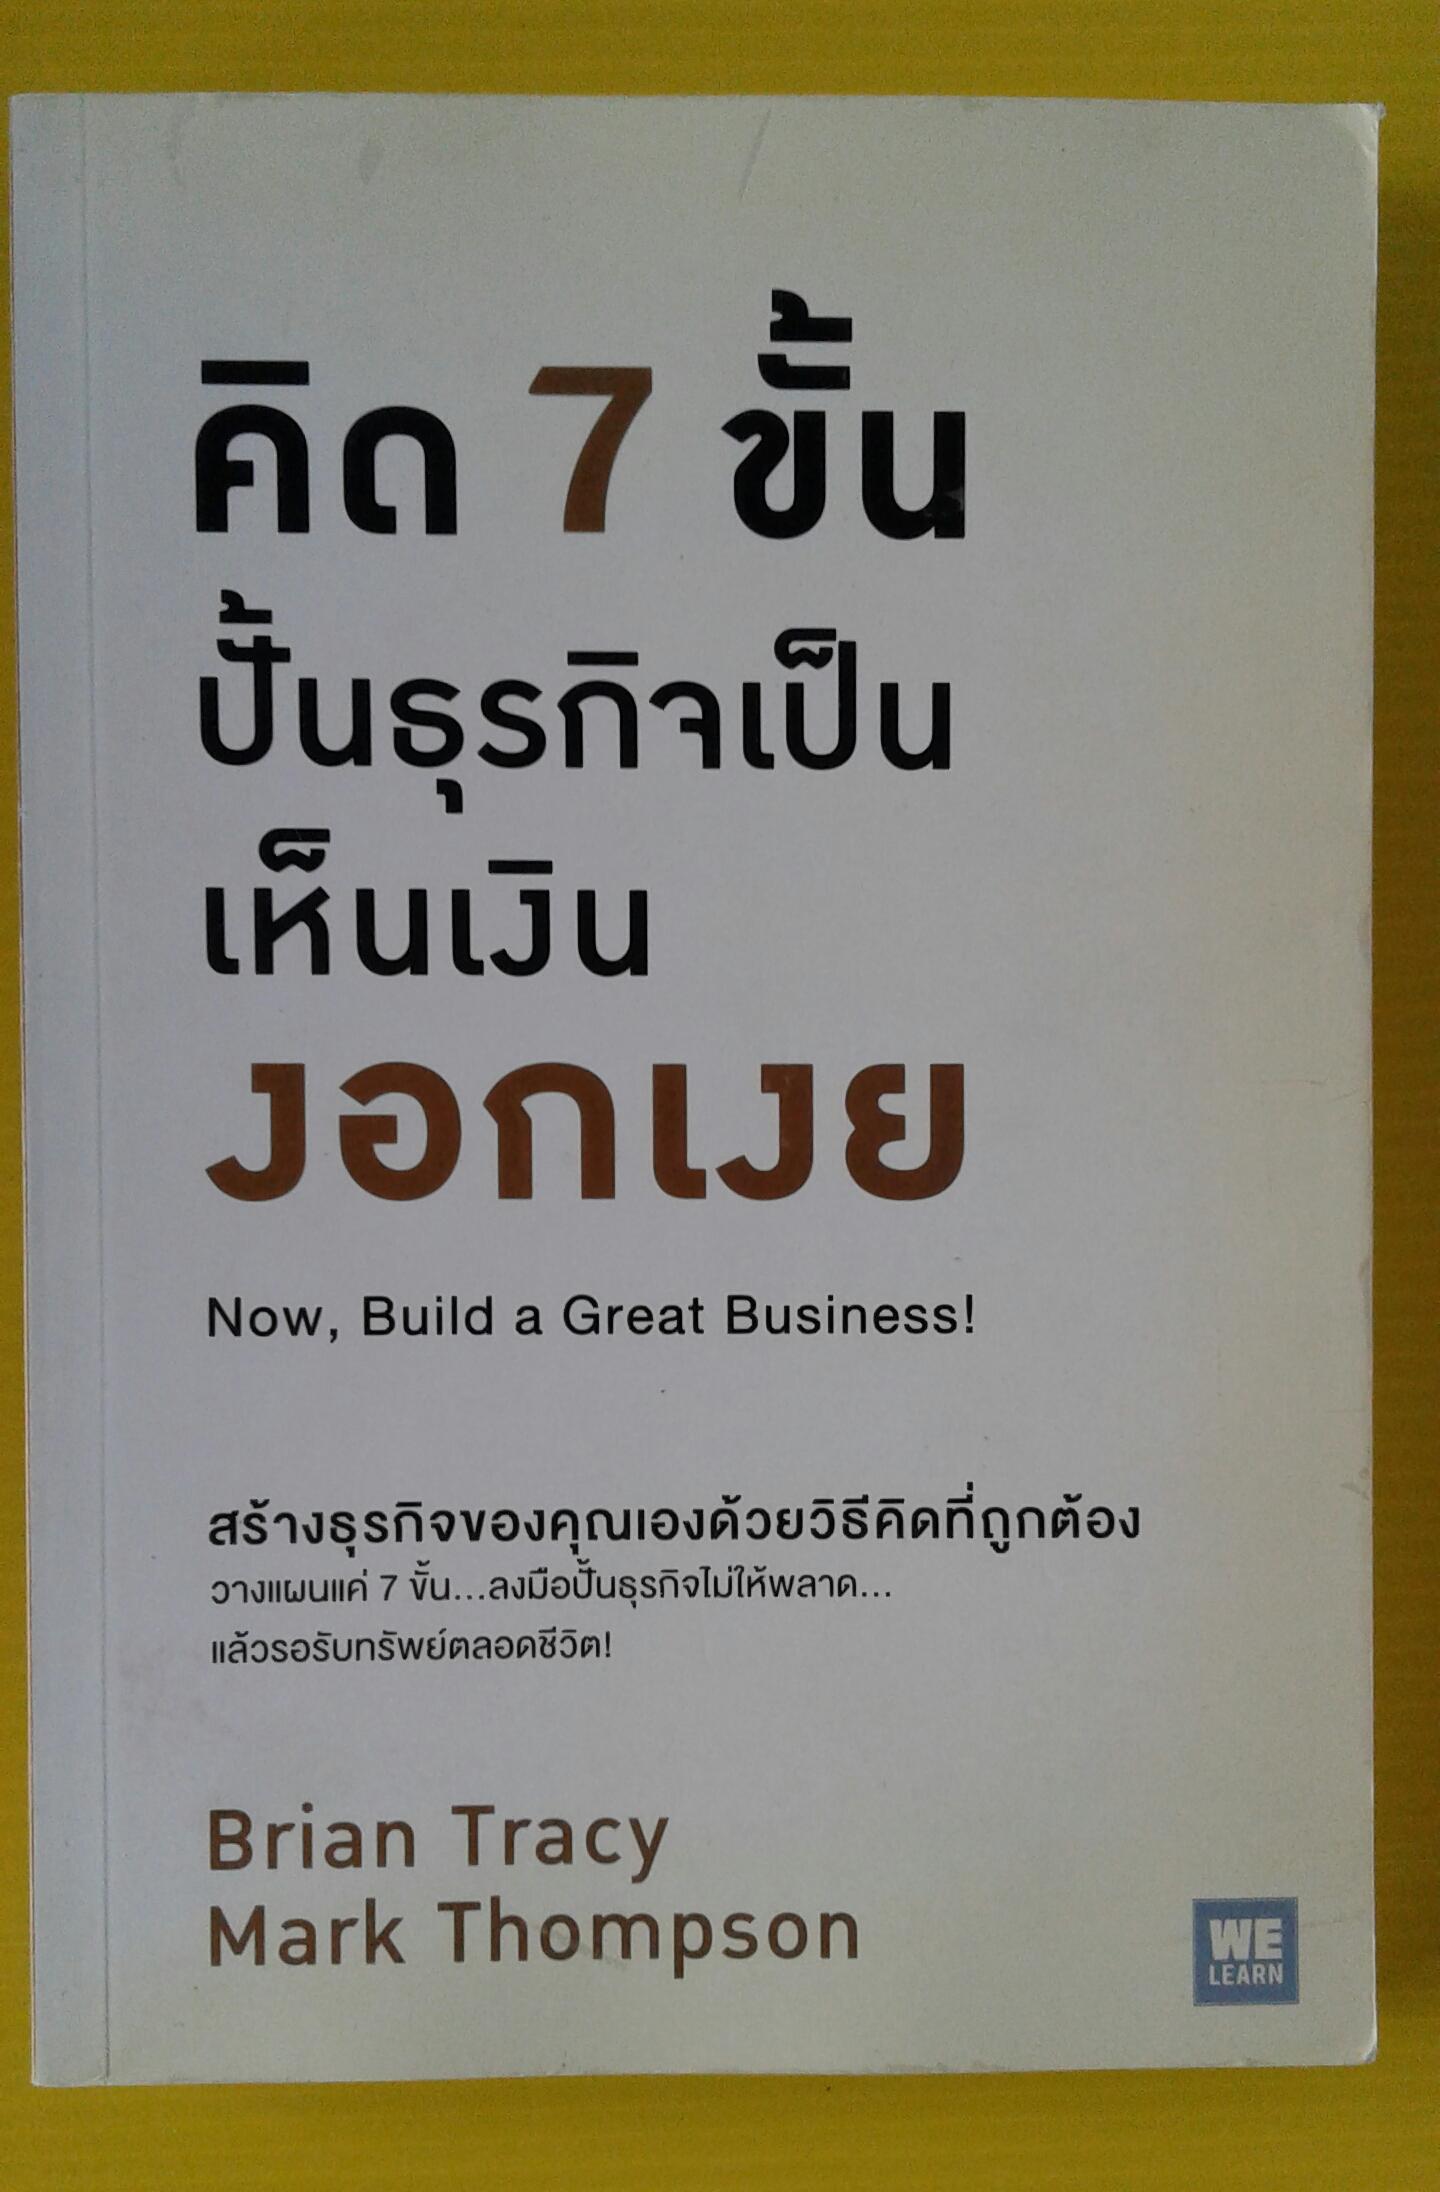 คิด7ขั้นปั้นธุรกิจเป็นเห็นเงินงอกเงย